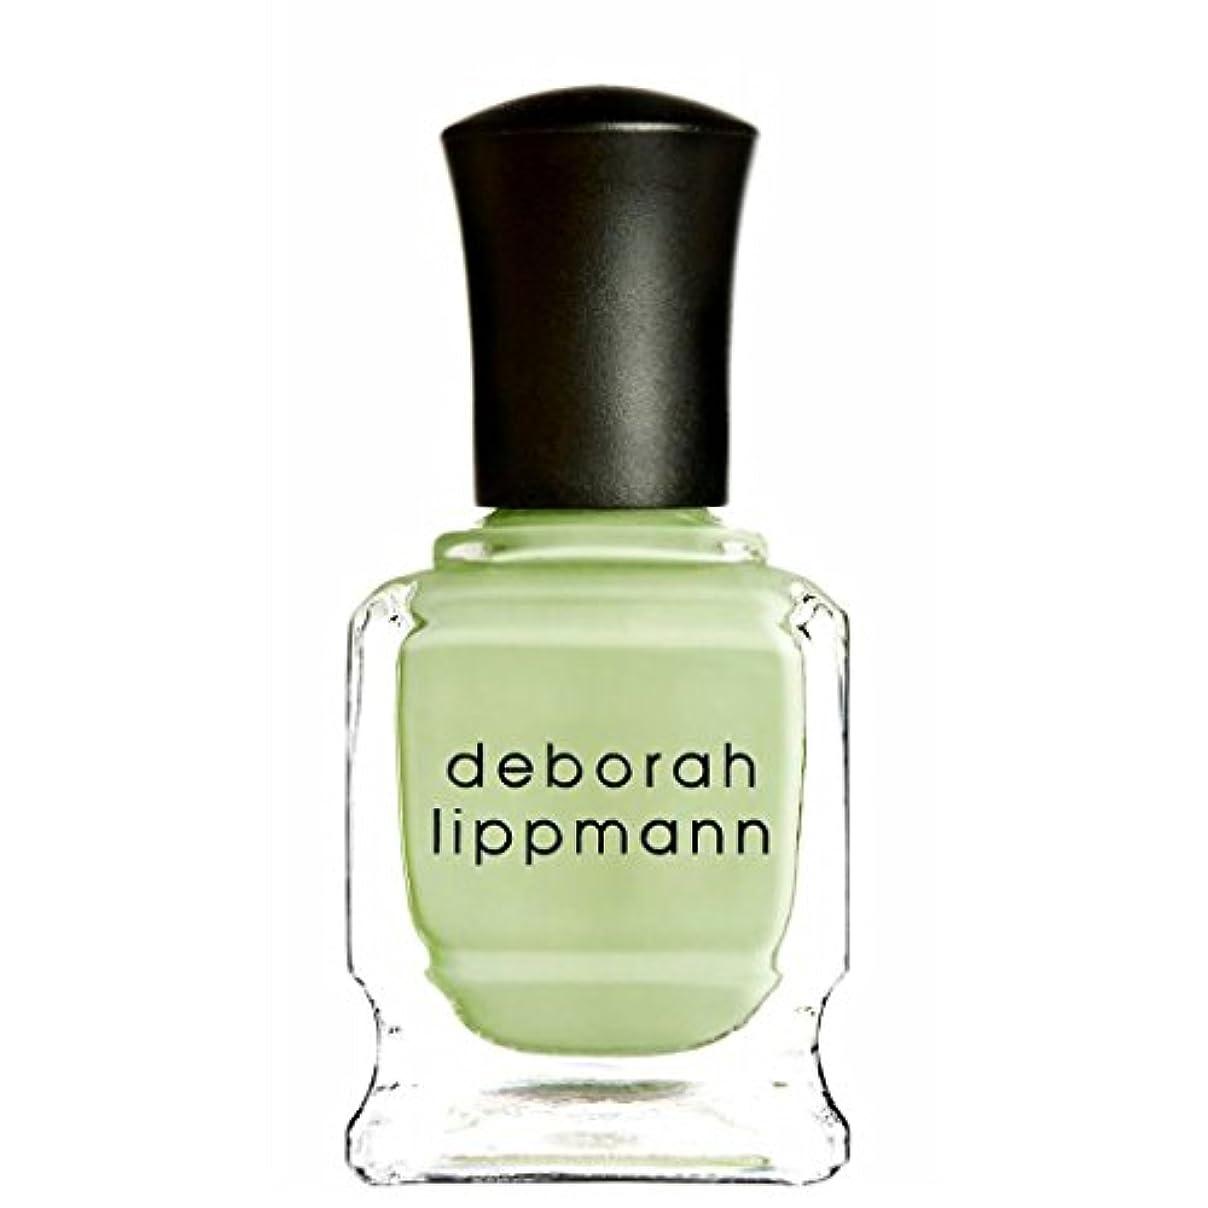 はさみ議会セージ[Deborah Lippmann] [ デボラリップマン] ネイルポリッシュ スプリングバッド (ピスタチオグリーン) SPRING BUDS 15mL 国内正規品